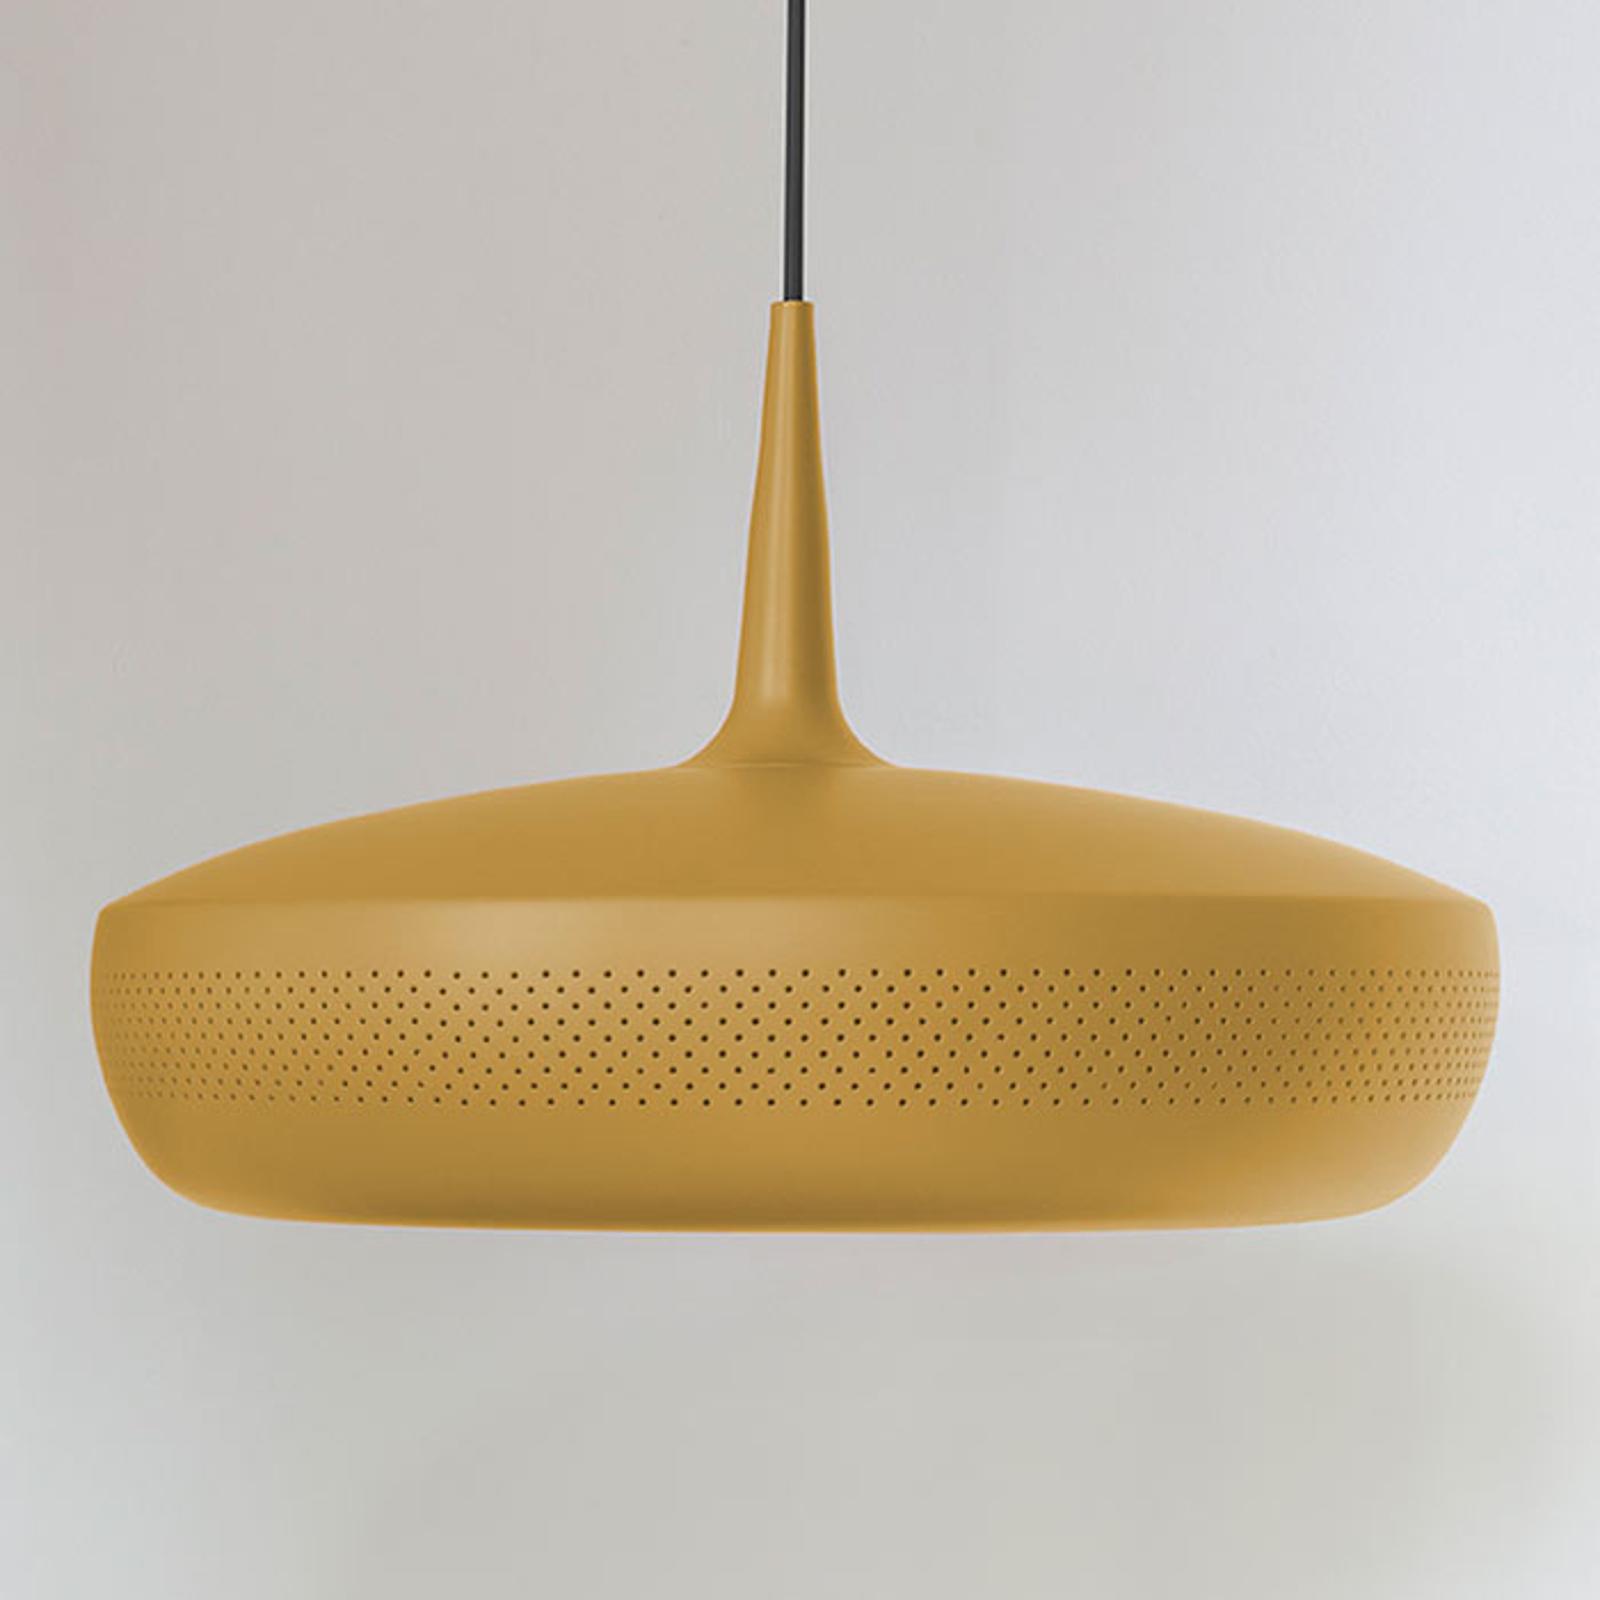 UMAGE Clava Dine hængelampe i gul